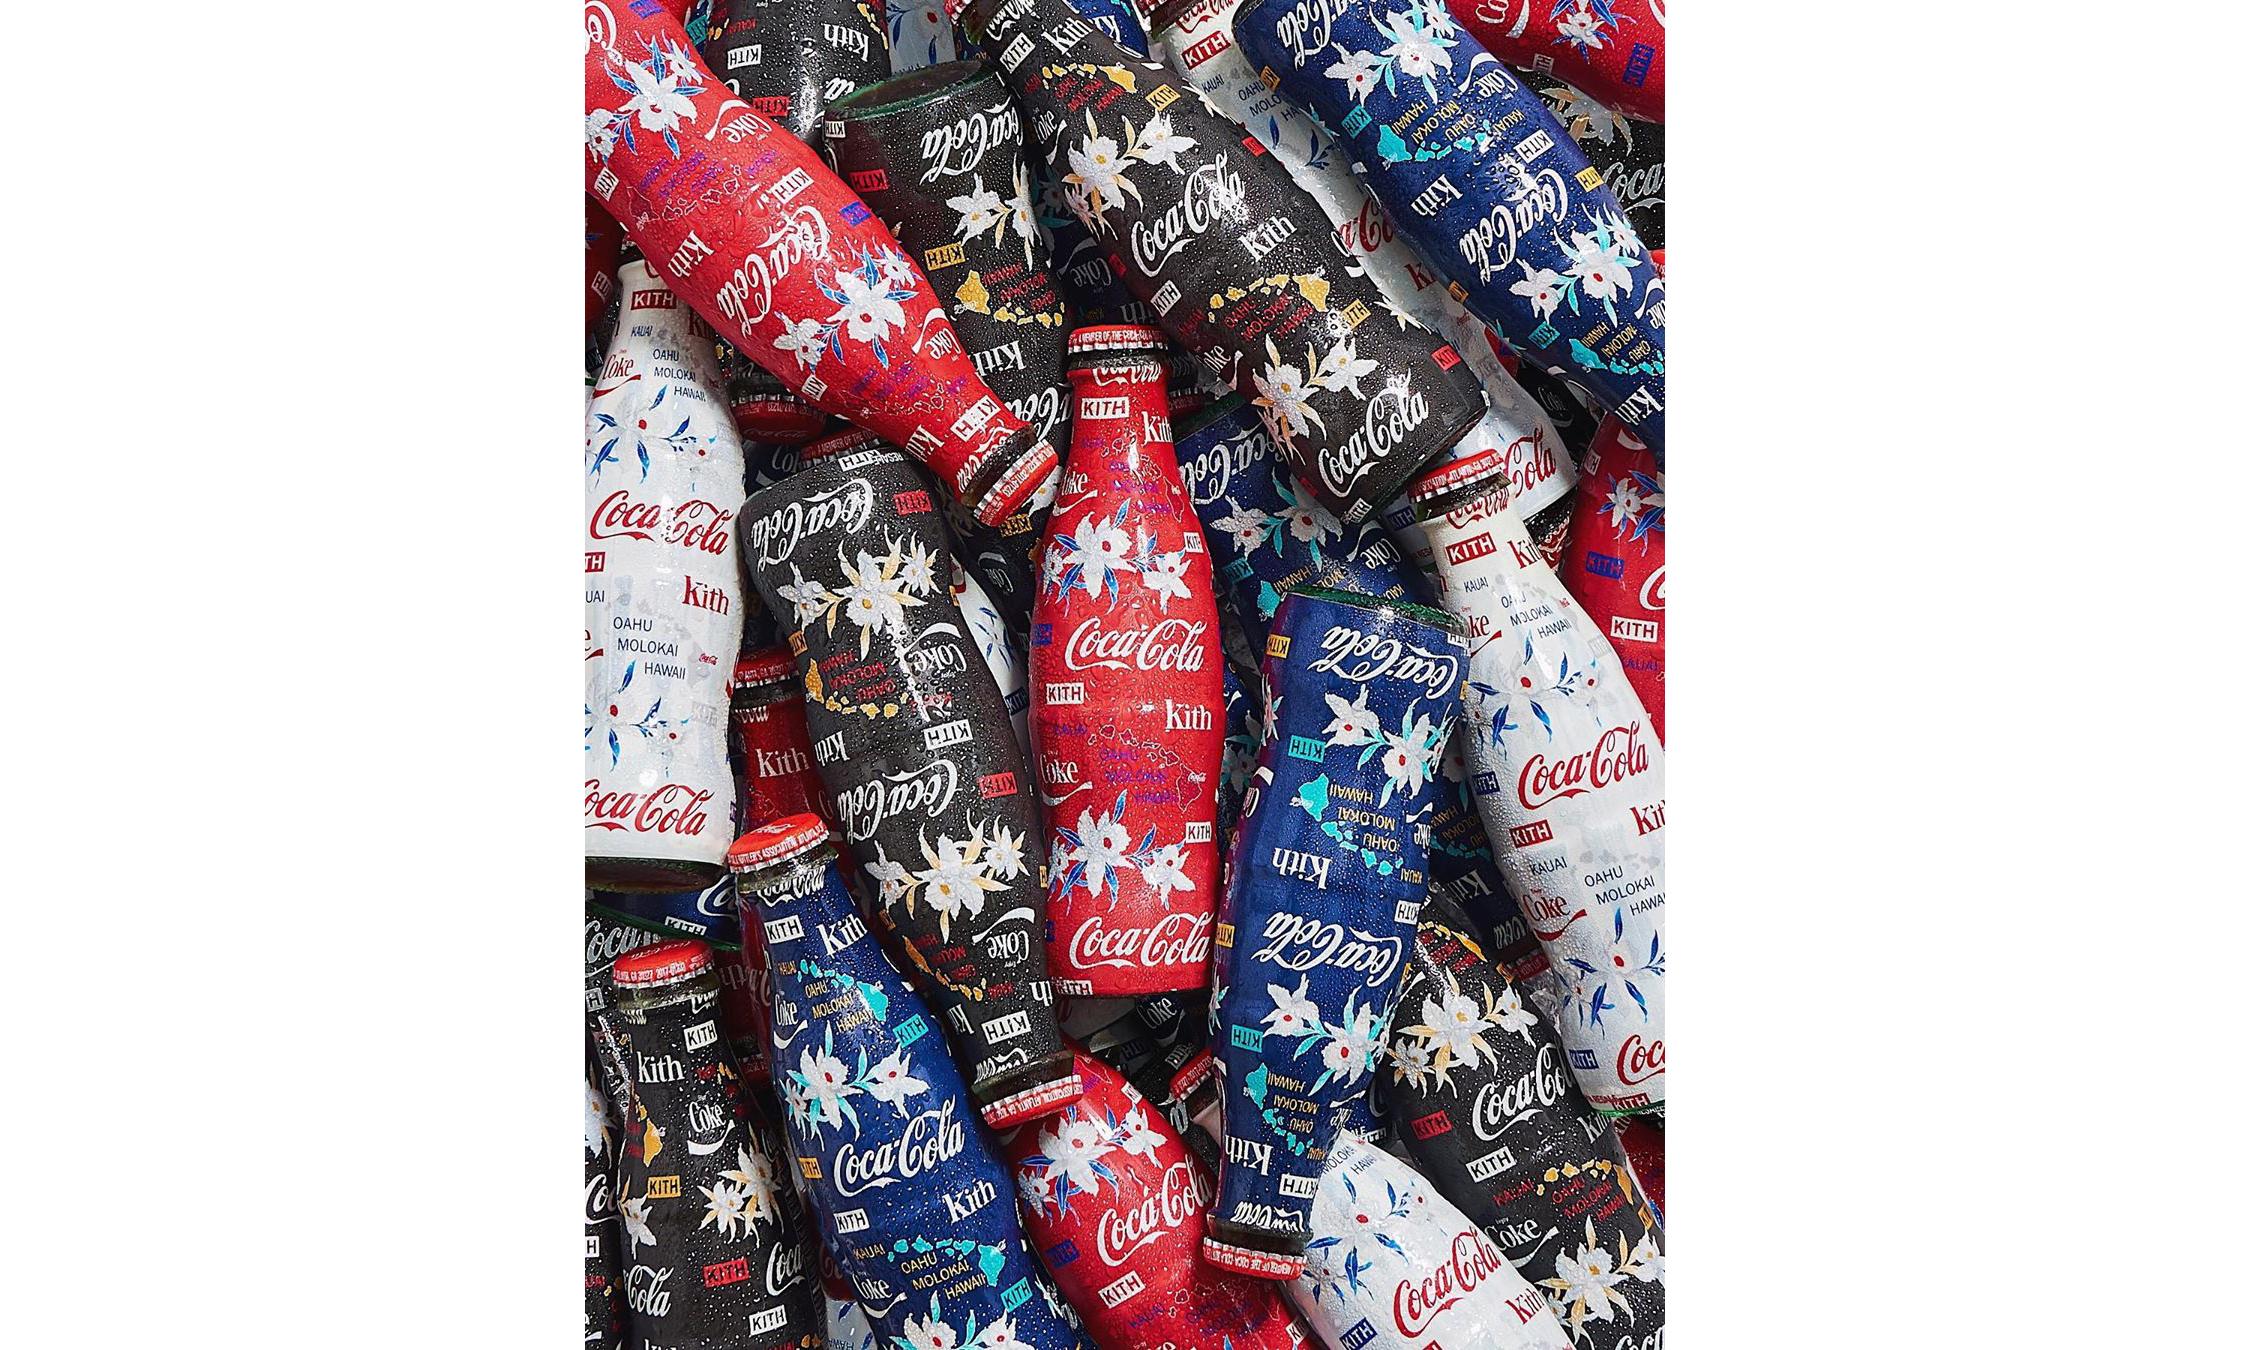 Ronnie Fieg 晒出 KITH x 可口可乐 2019 限定可乐瓶设计